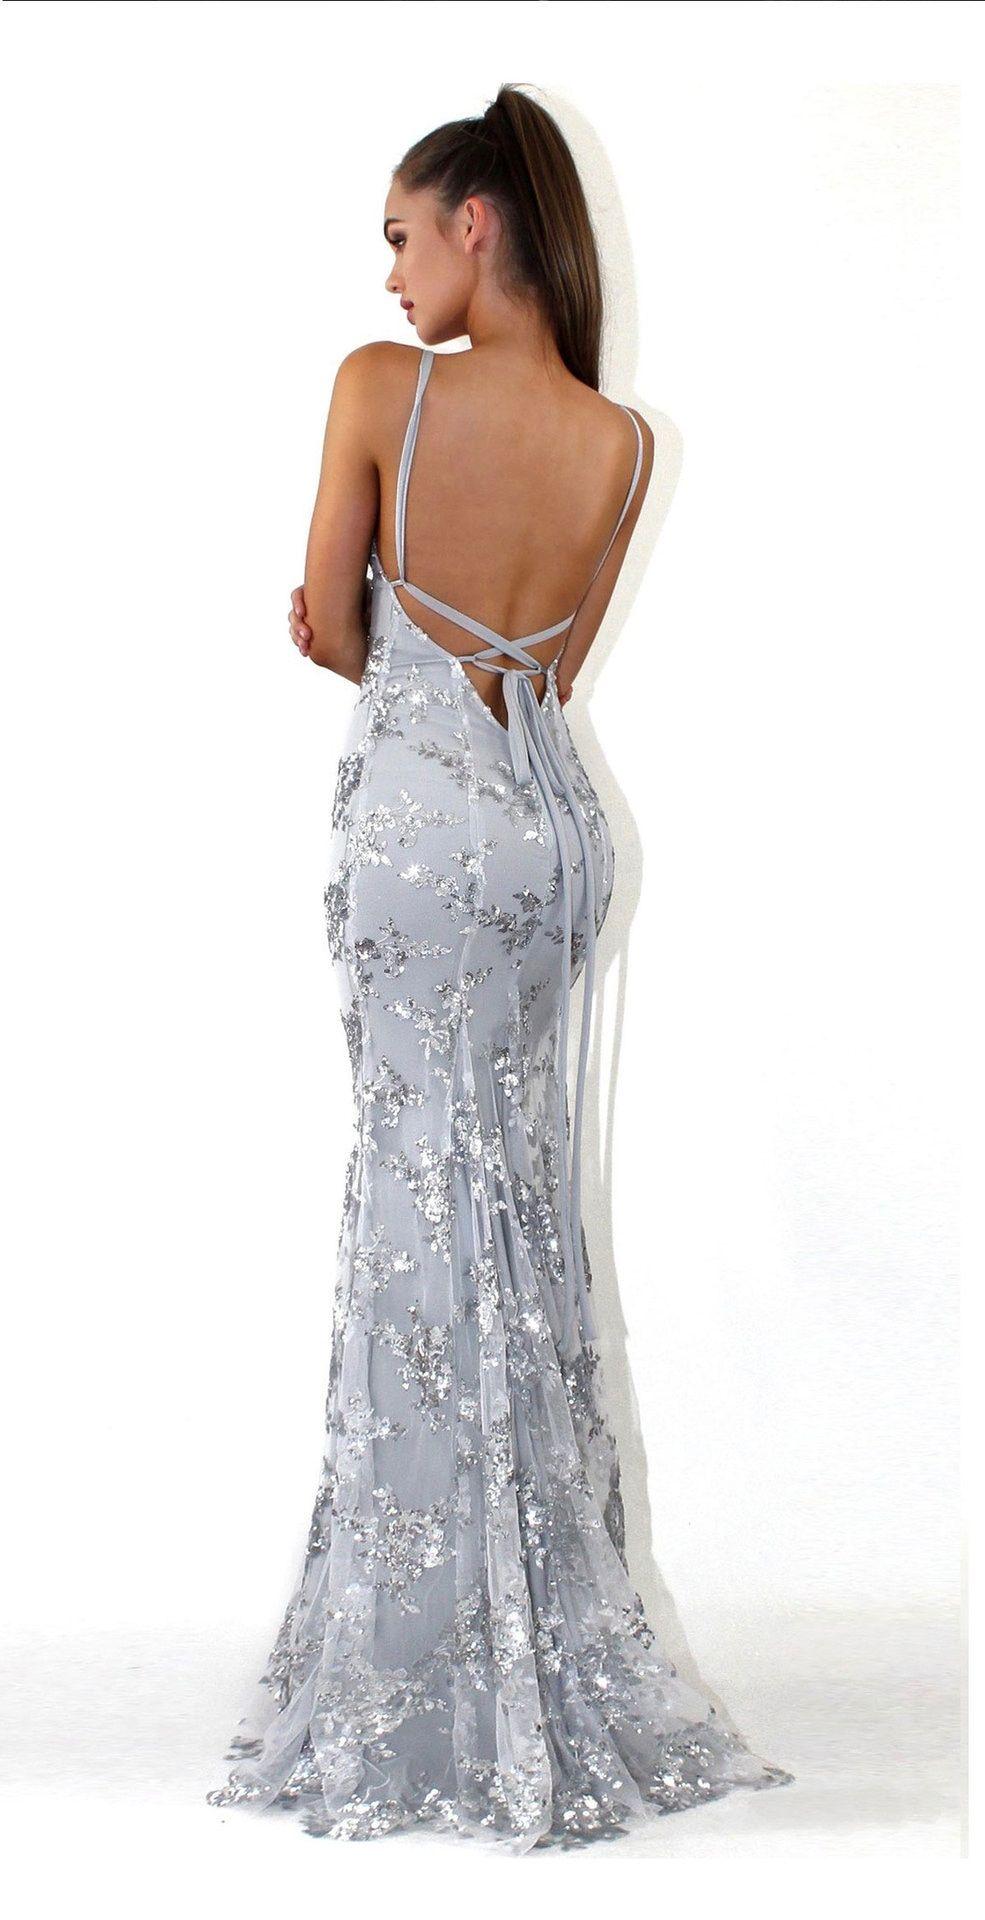 Free Shipping Off Shoulder Sequins Backless Maxi Dress Jkp1152 Elegant Dresses Long Evening Dresses Backless Maxi Dresses [ 1920 x 985 Pixel ]